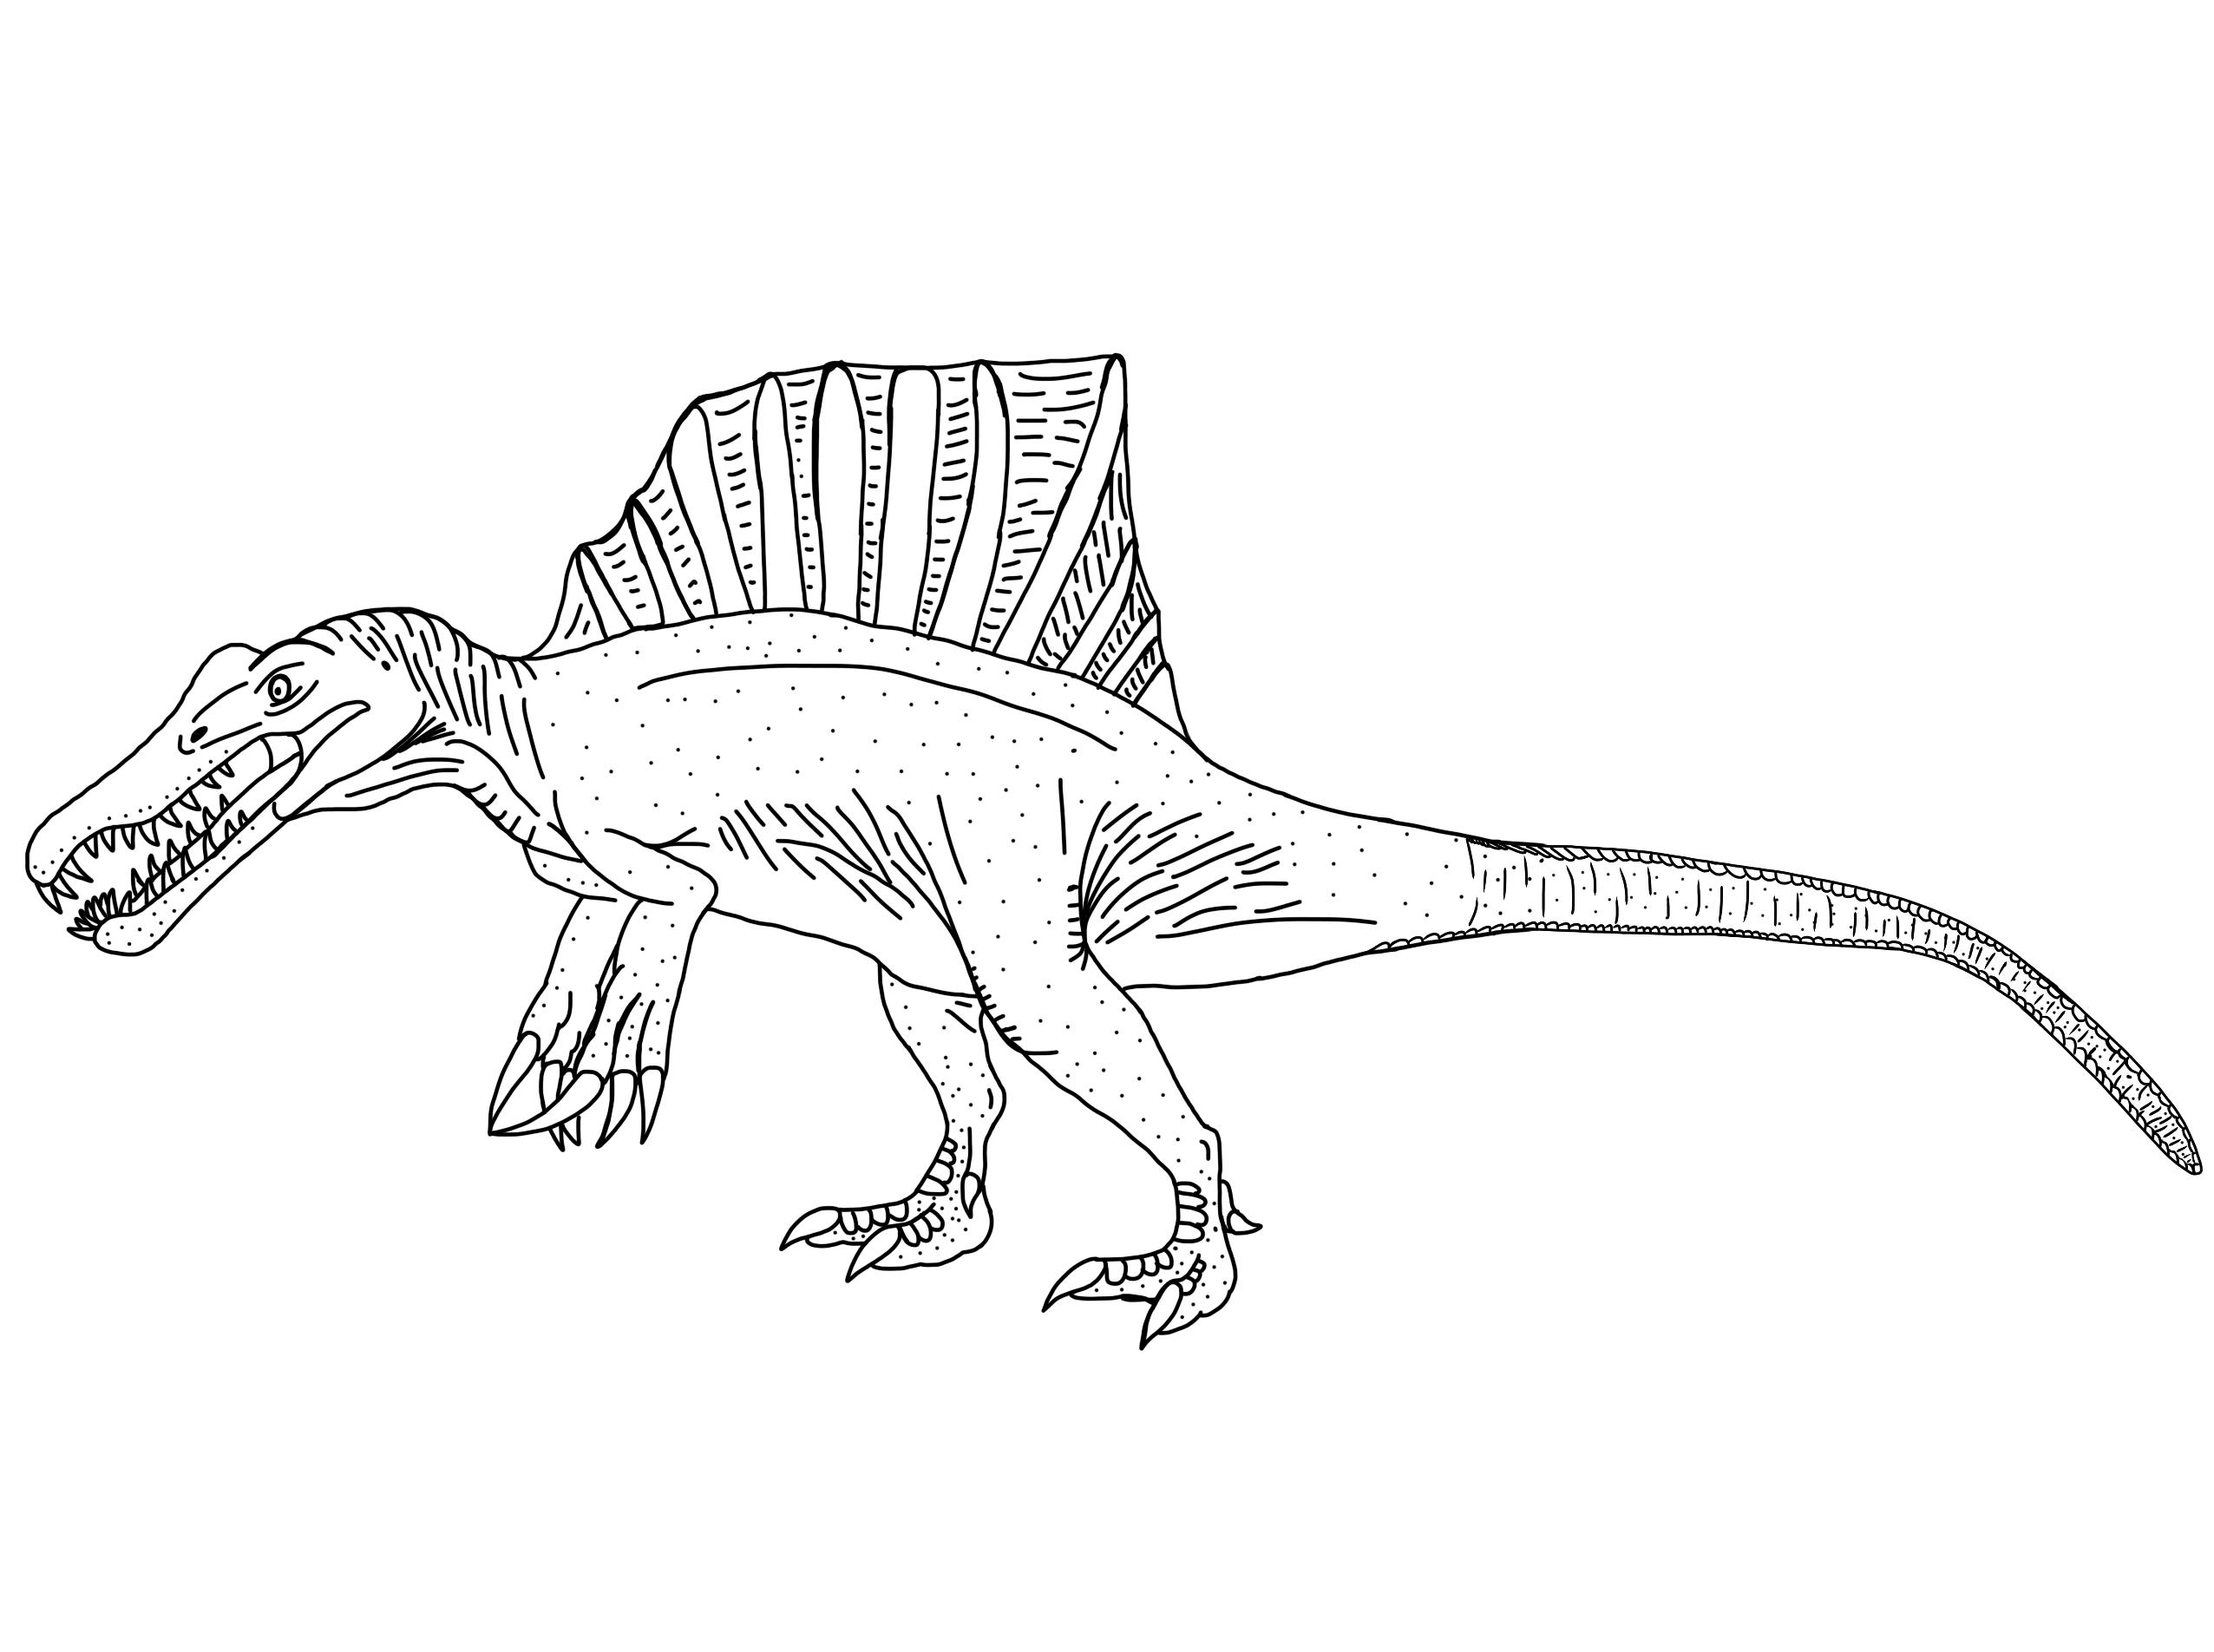 Spinosaurus 2014/2015 (Updated) by DinoBirdMan on DeviantArt